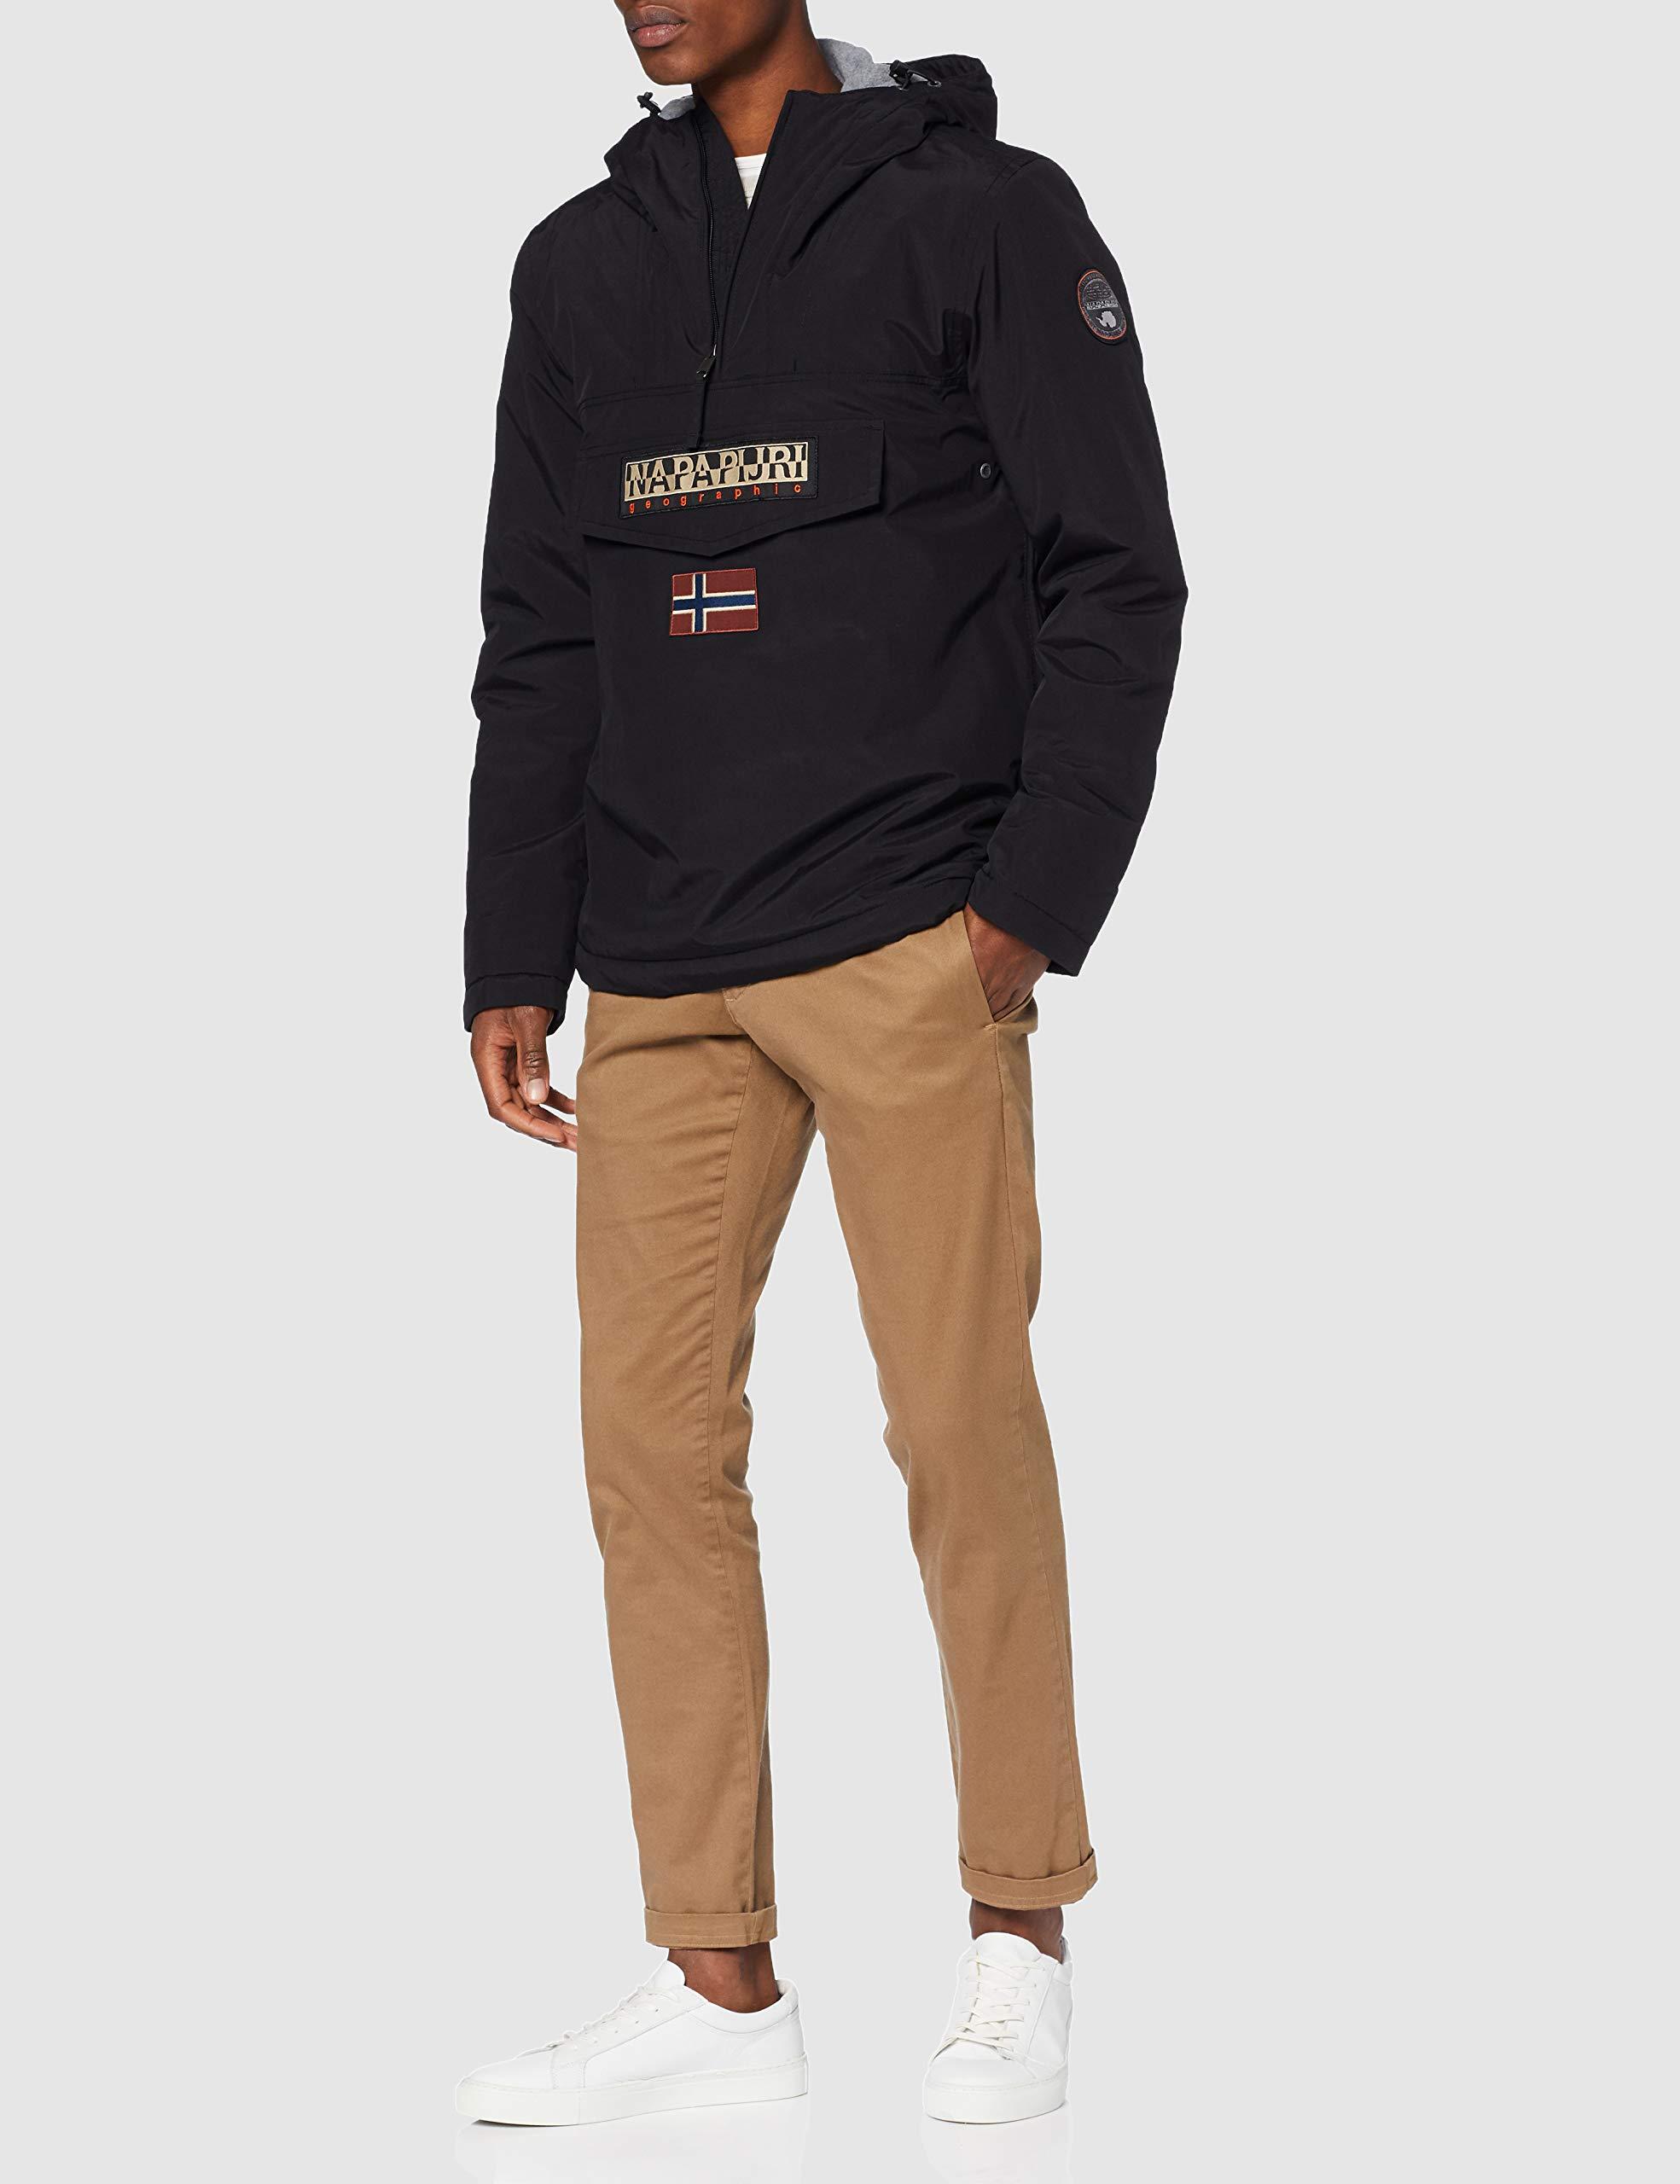 Napapijri Men's Rainforest Winter Jacket 3